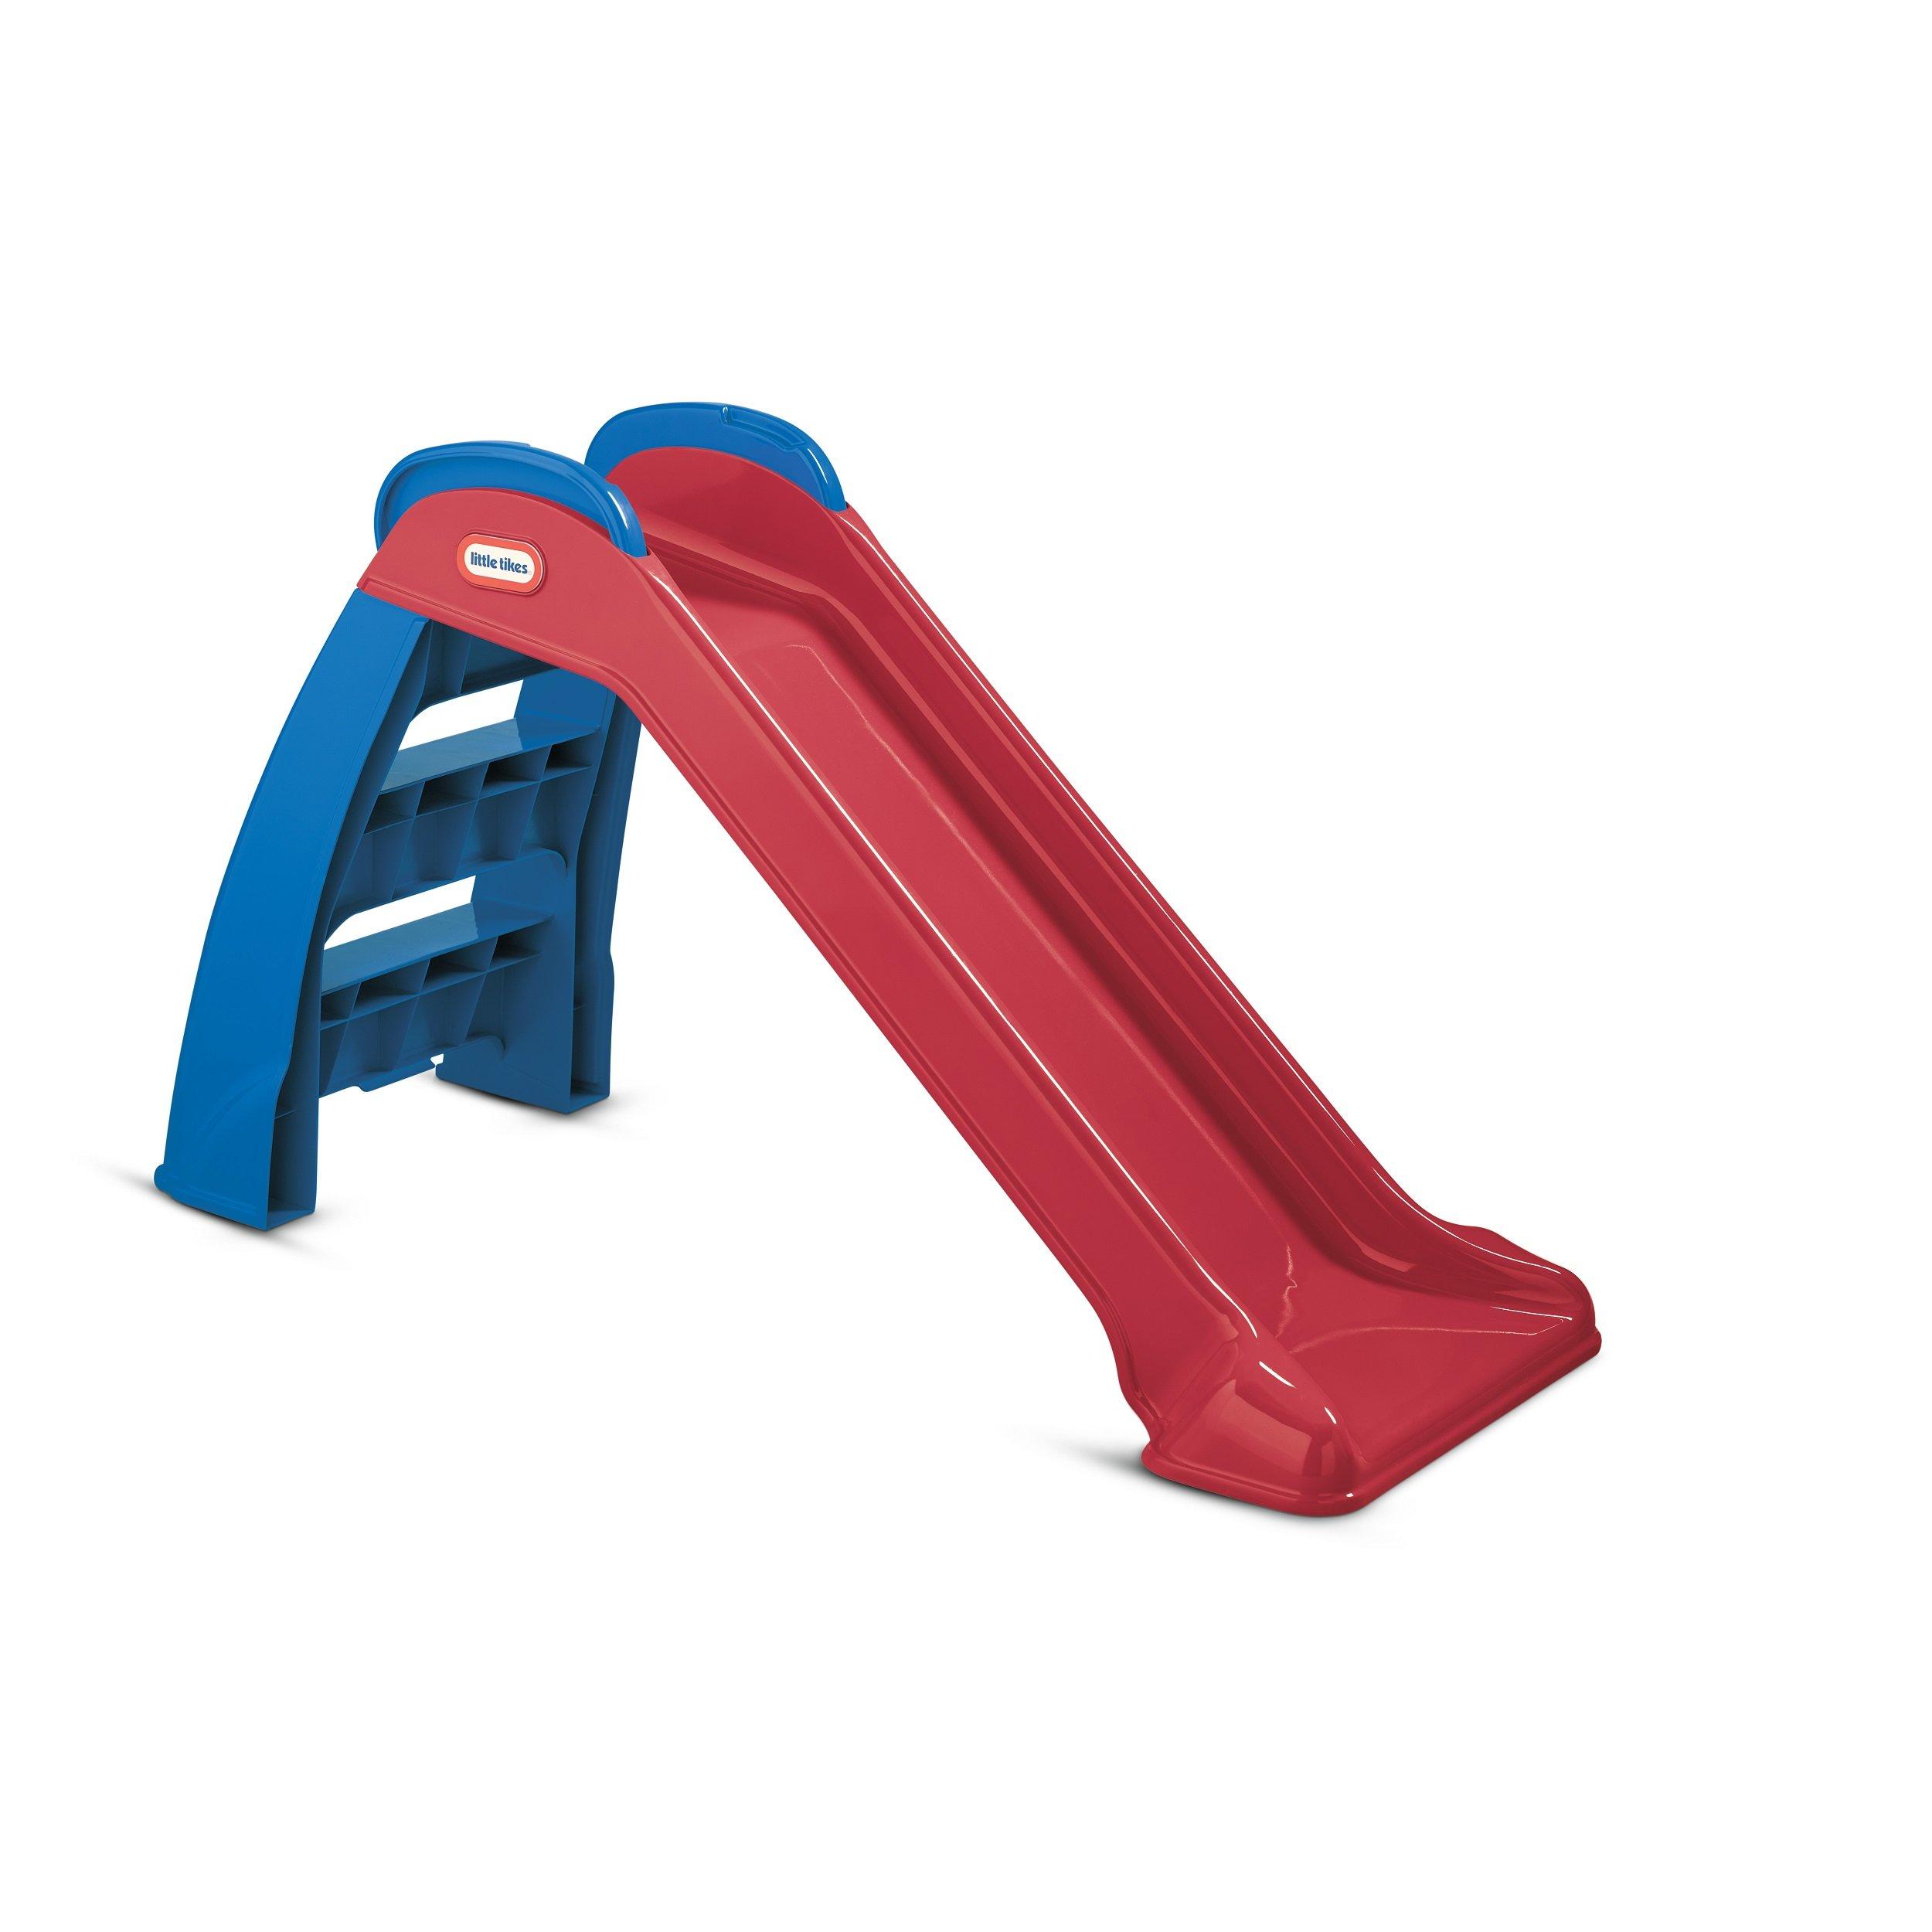 Buy Little Tikes Slide Now!